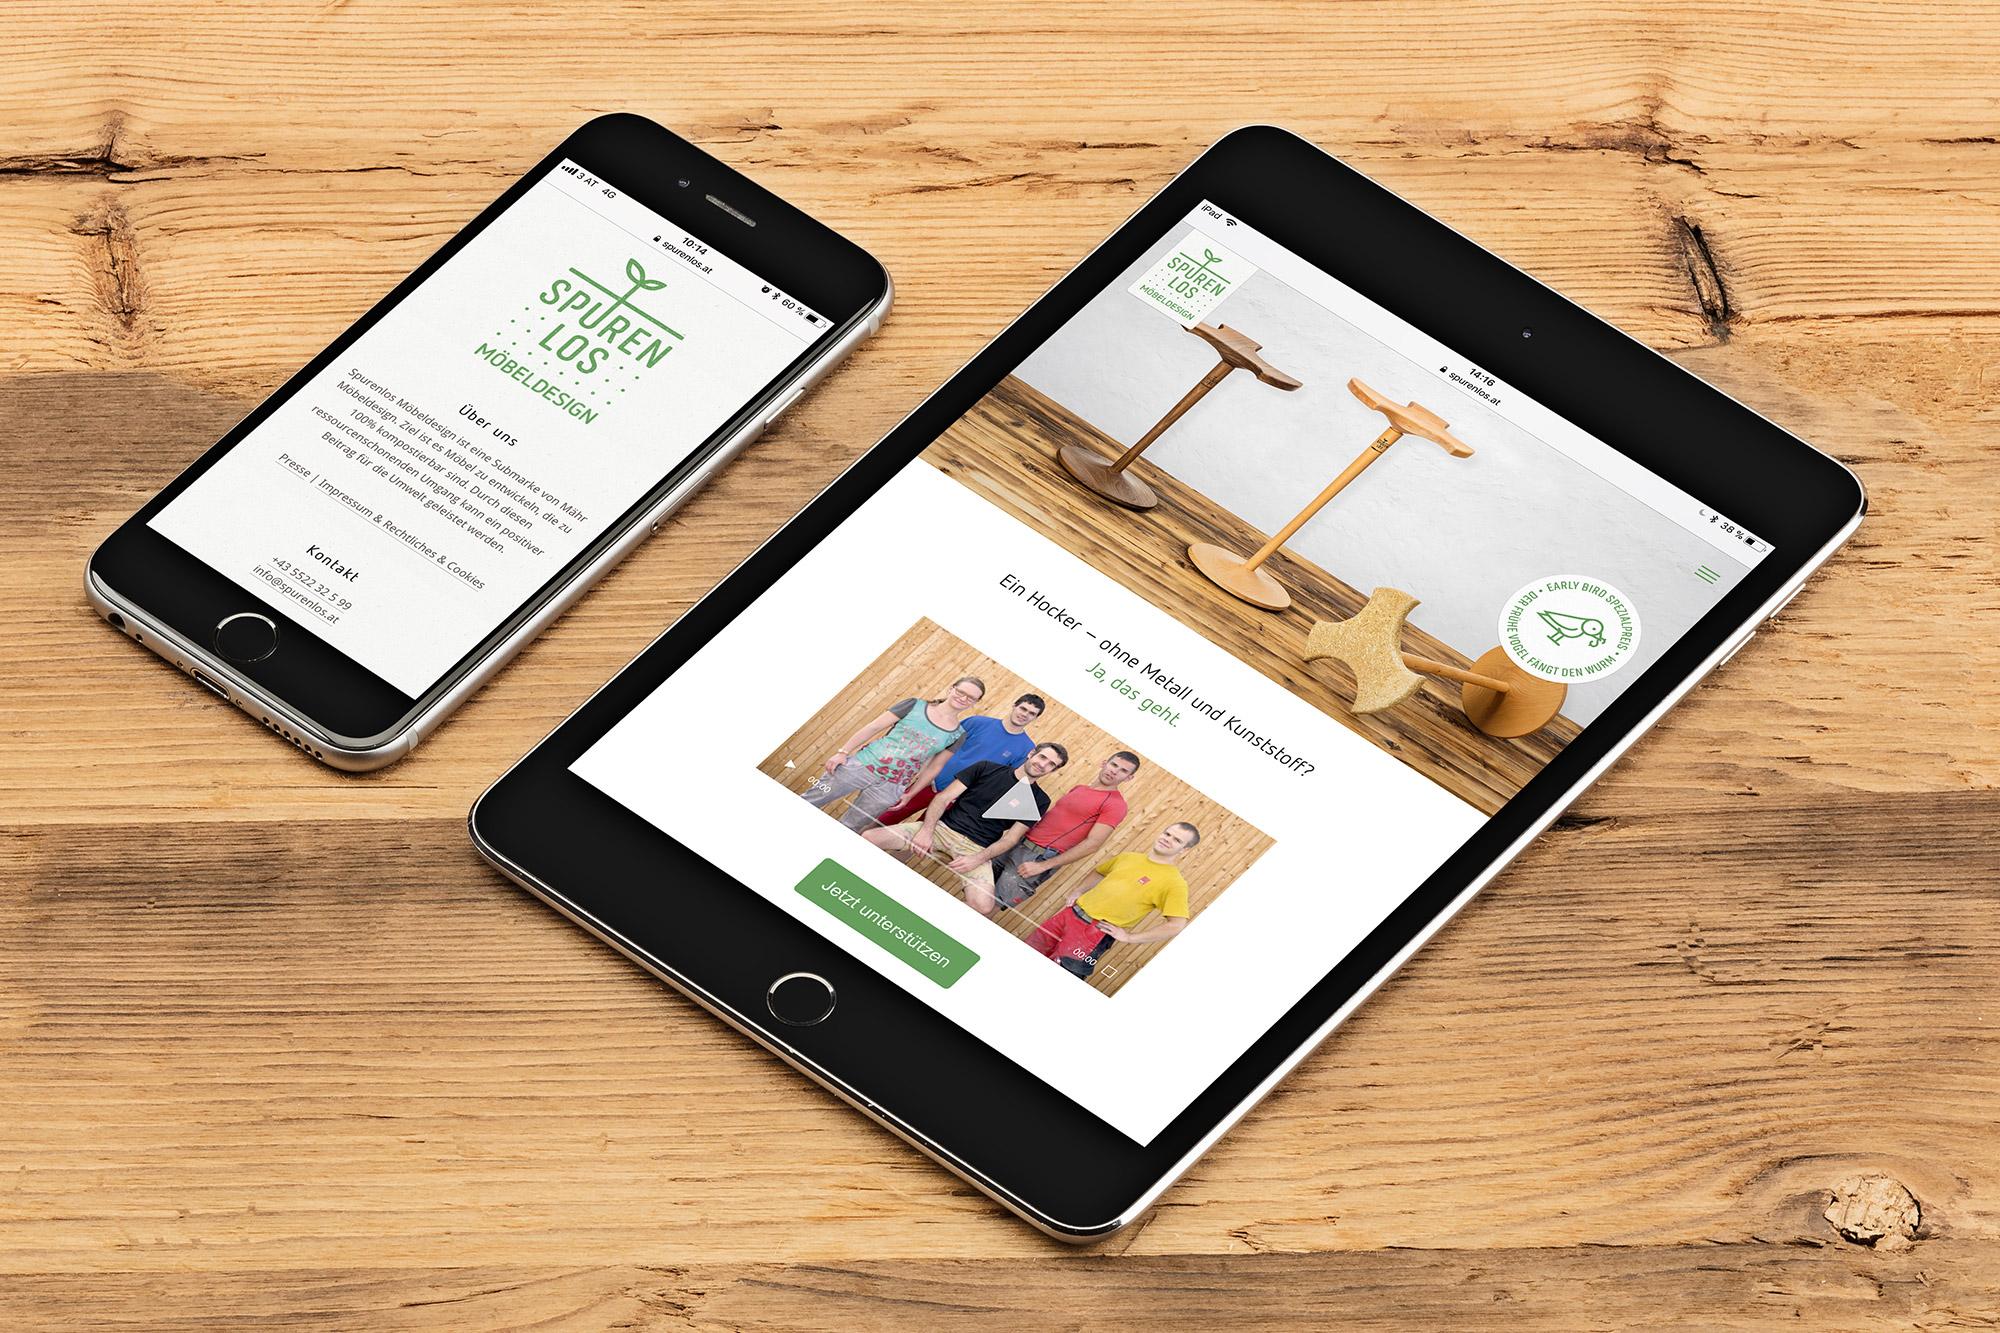 Spurenlos Website auf dem iPhone und iPad